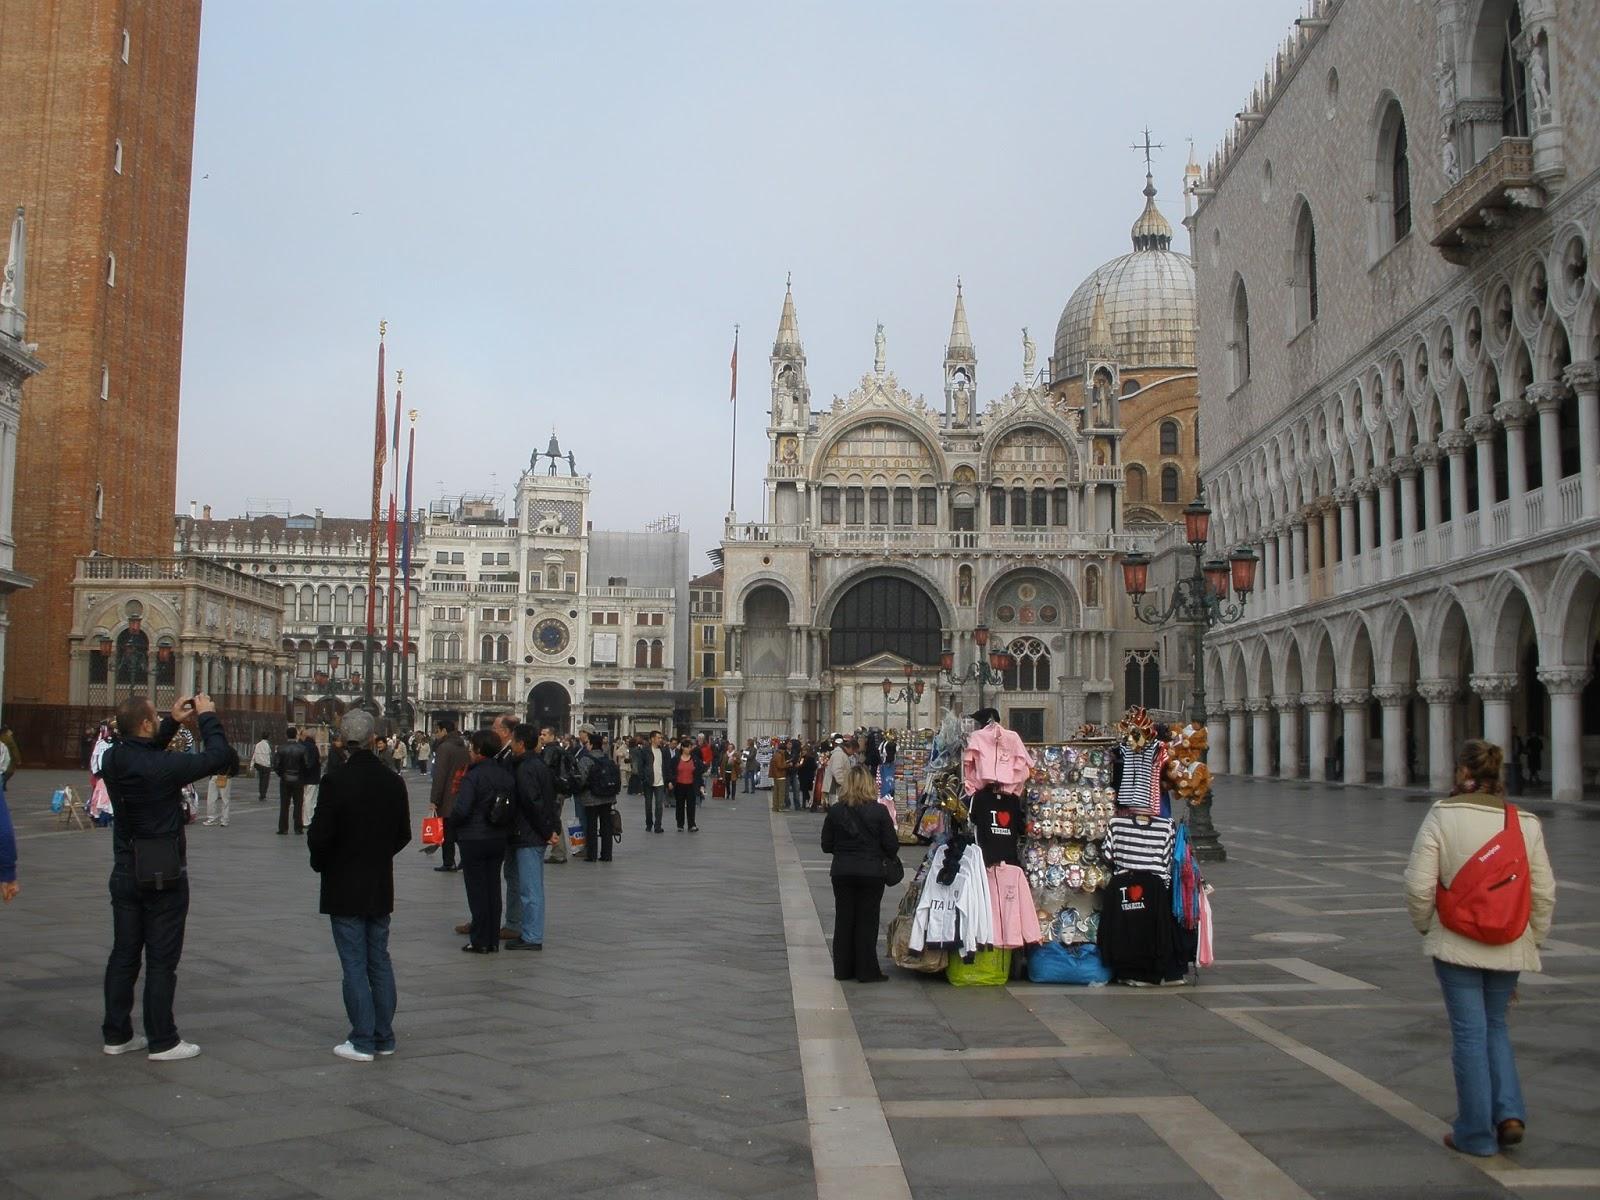 Venecia, en la entrada al Palacio Ducal y Plaza San Marcos